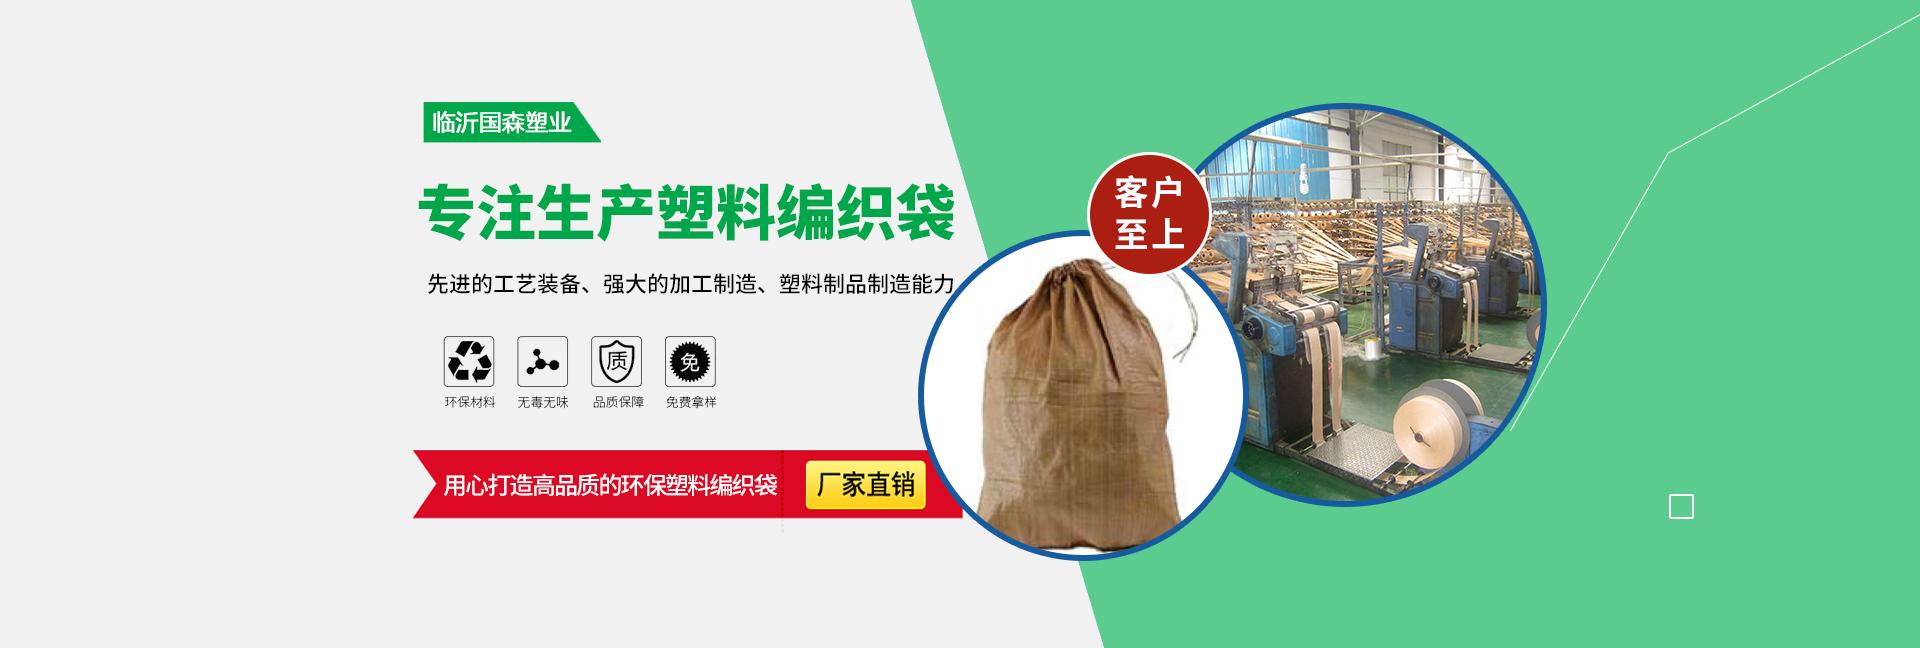 吨袋生产厂家